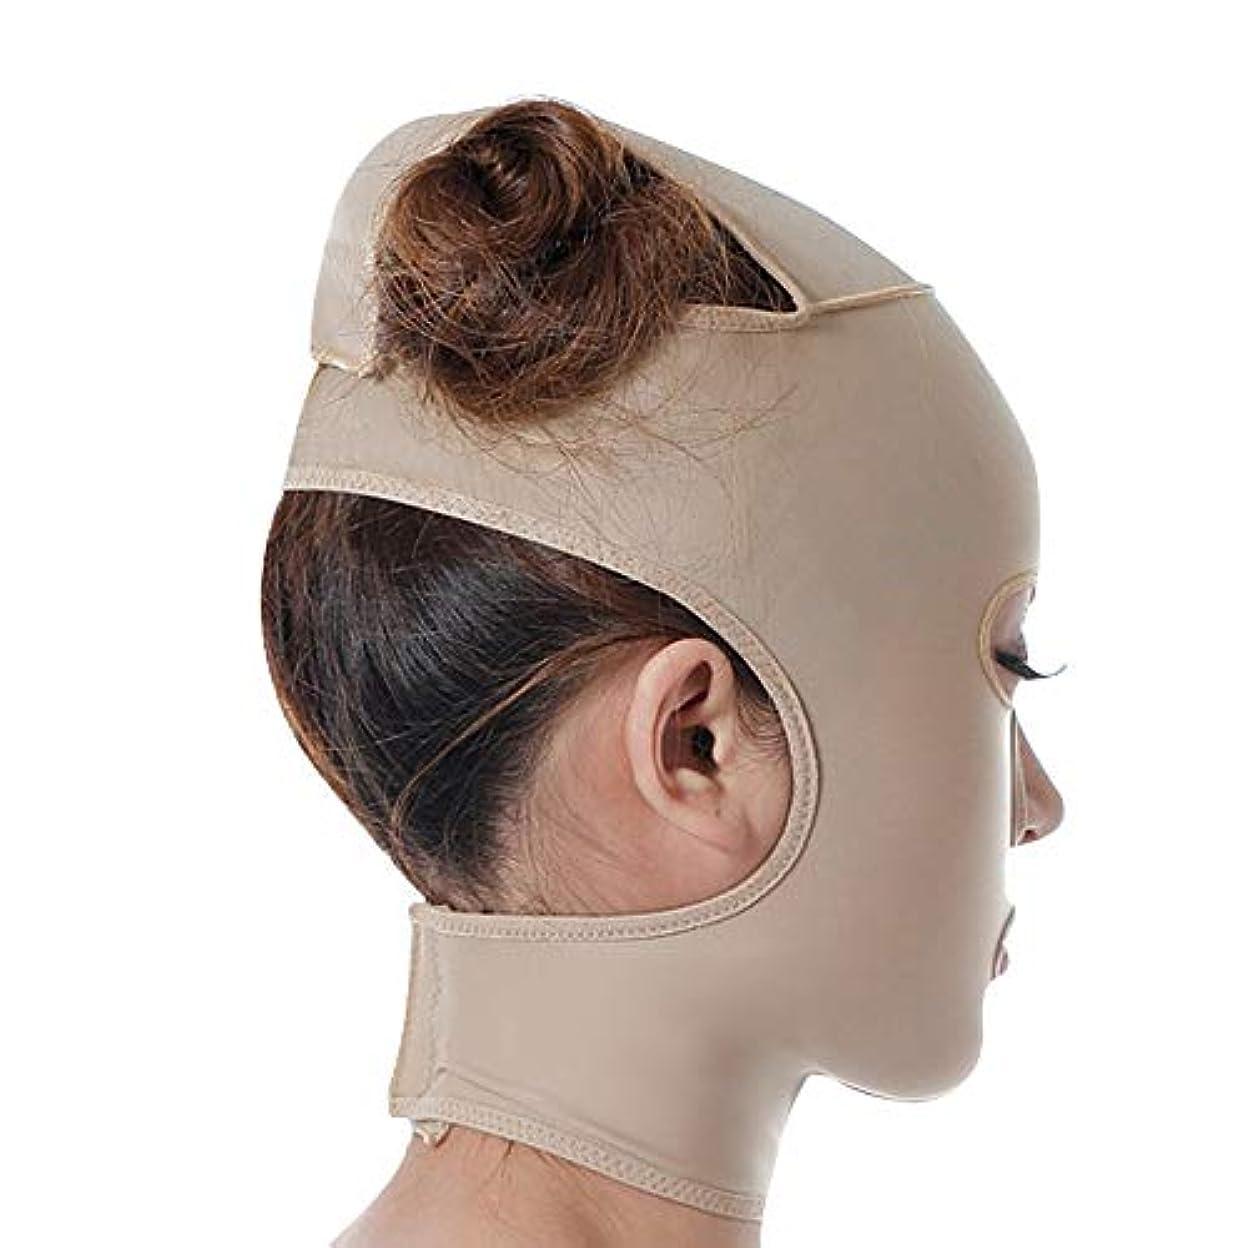 母利用可能評判XHLMRMJ 引き締めフェイスマスク、フェイシャルマスク美容薬フェイスマスク美容Vフェイス包帯ライン彫刻リフティング引き締めダブルチンマスク (Size : L)